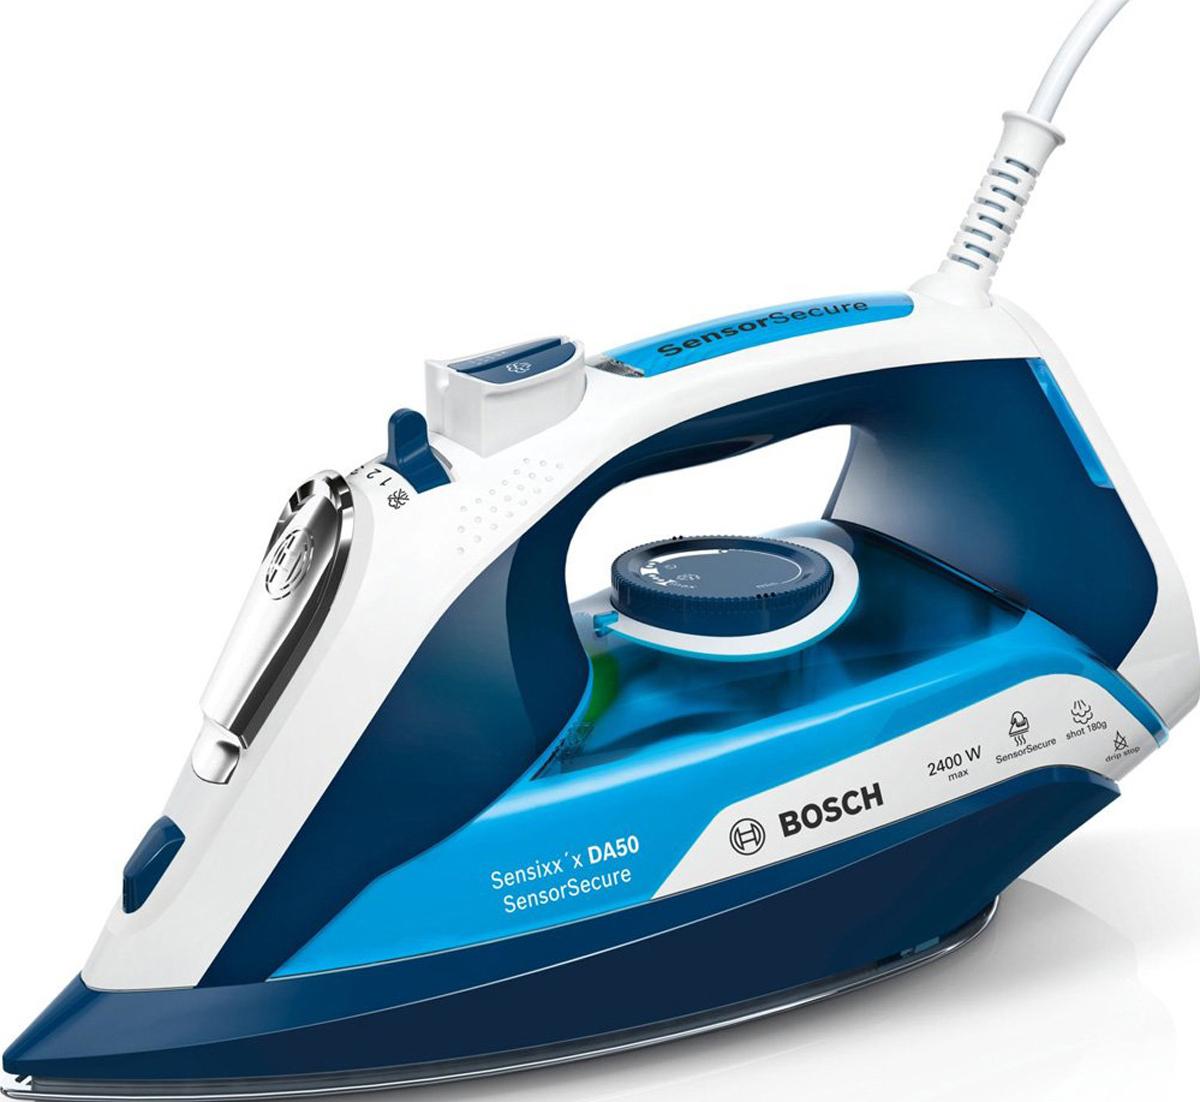 Утюг Bosch Sensixx'x DA50, синий, голубой, белый